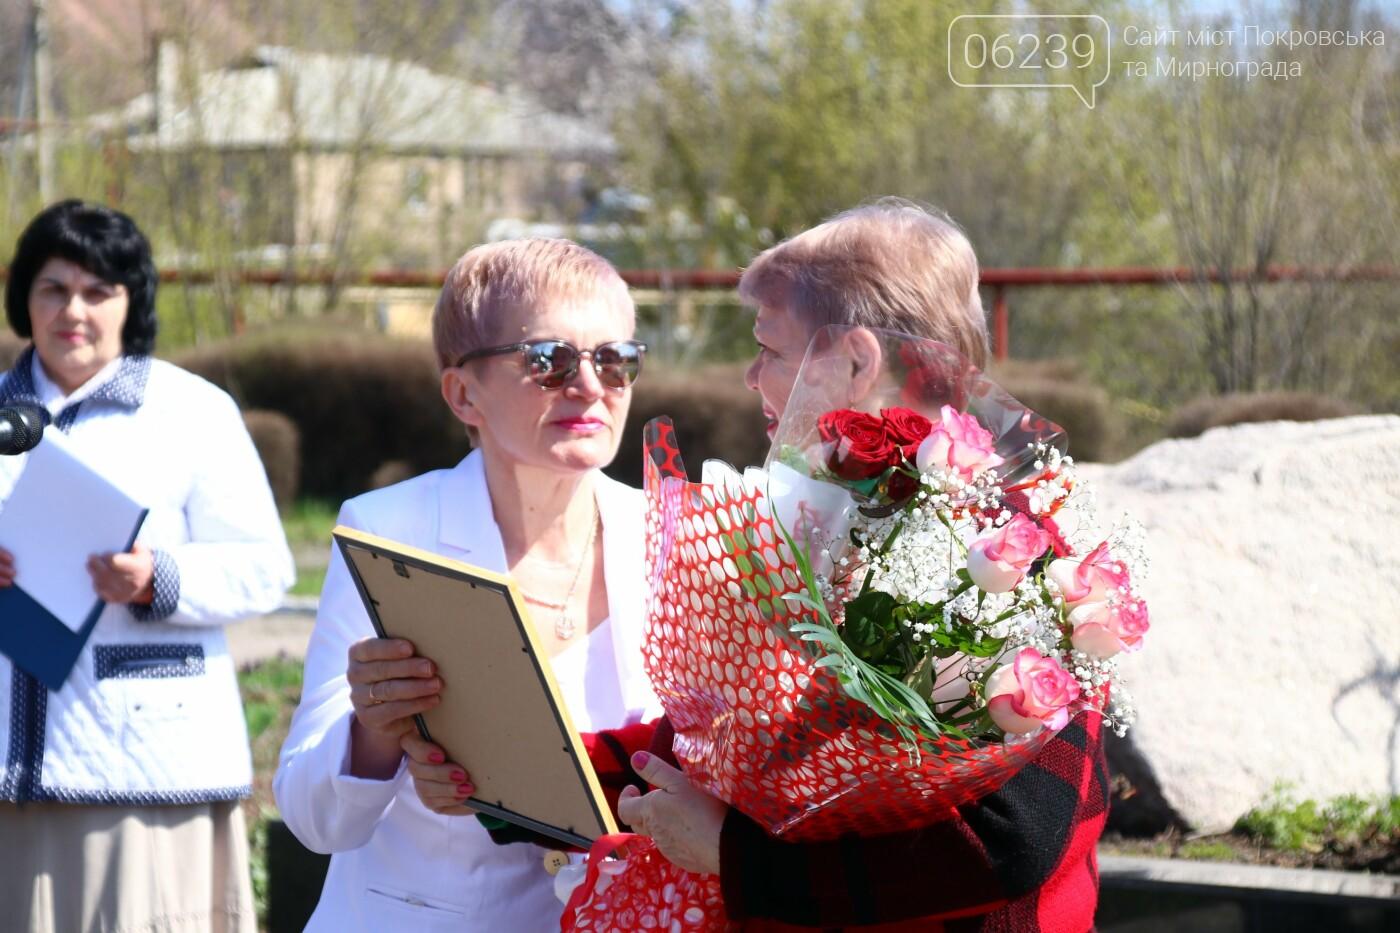 35-я годовщина трагедии: в Мирнограде почтили память ликвидаторов аварии на ЧАЭС, фото-10